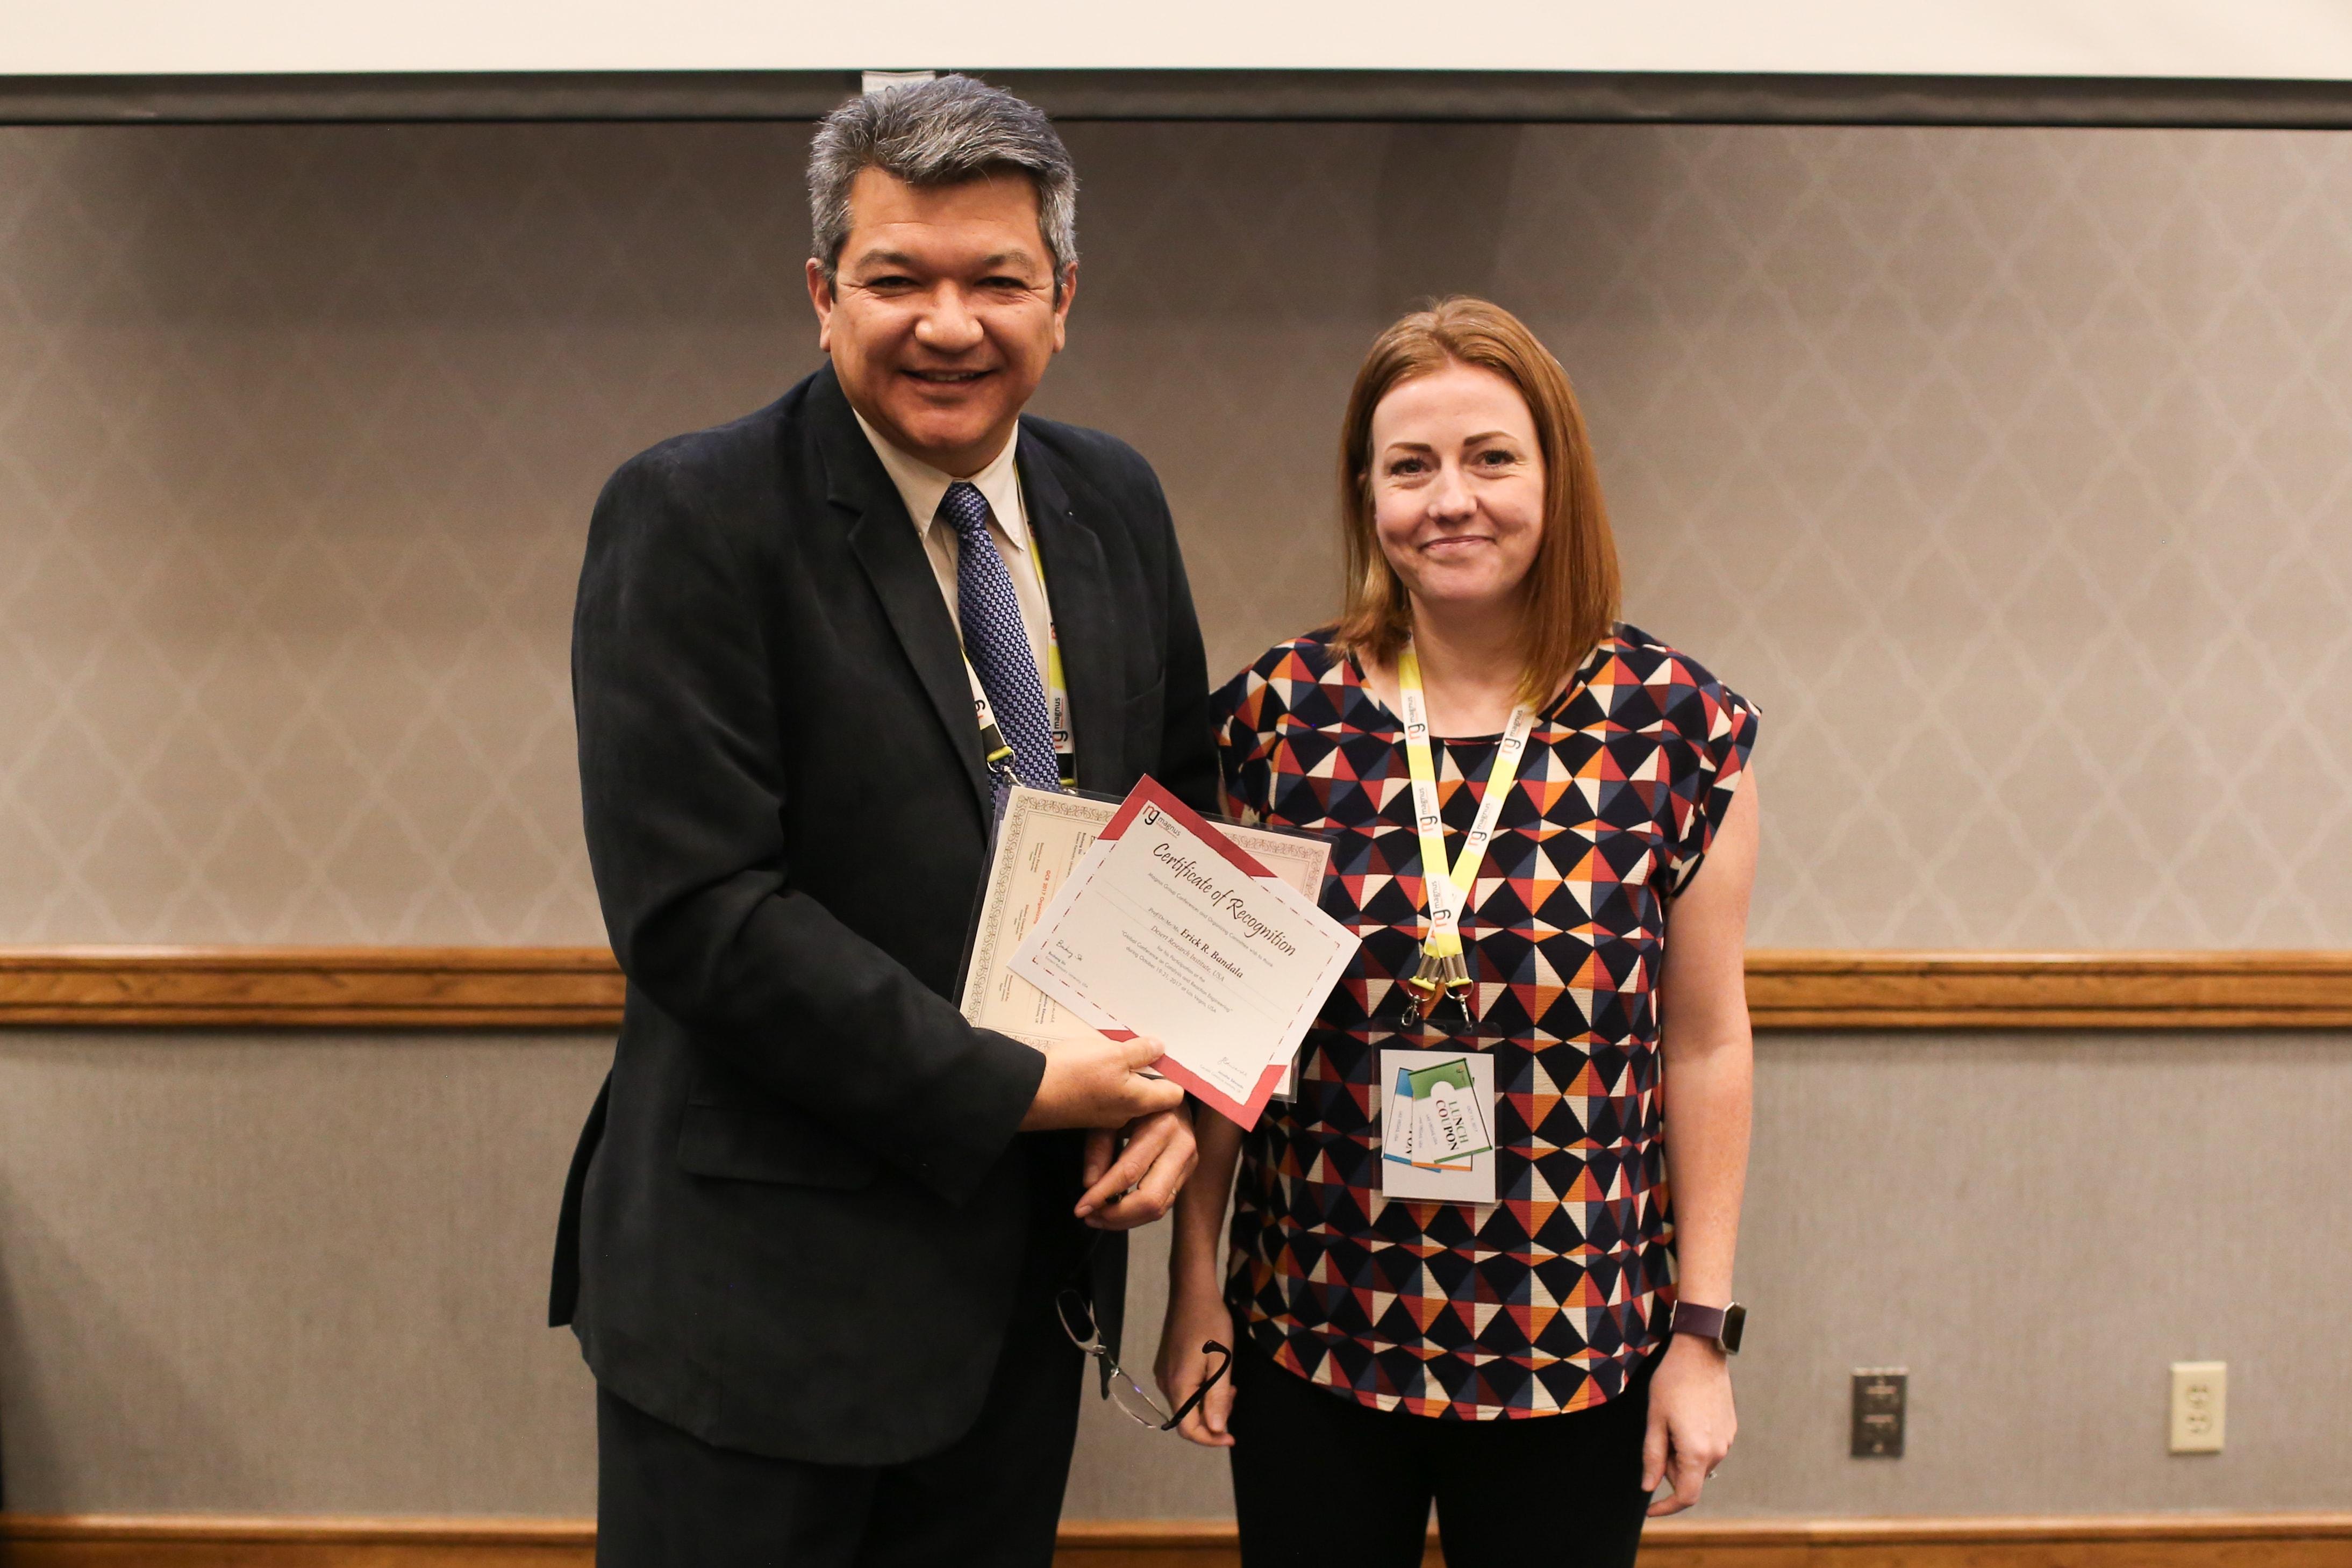 Erick R. Bandala felicitated by Jennifer Edwards